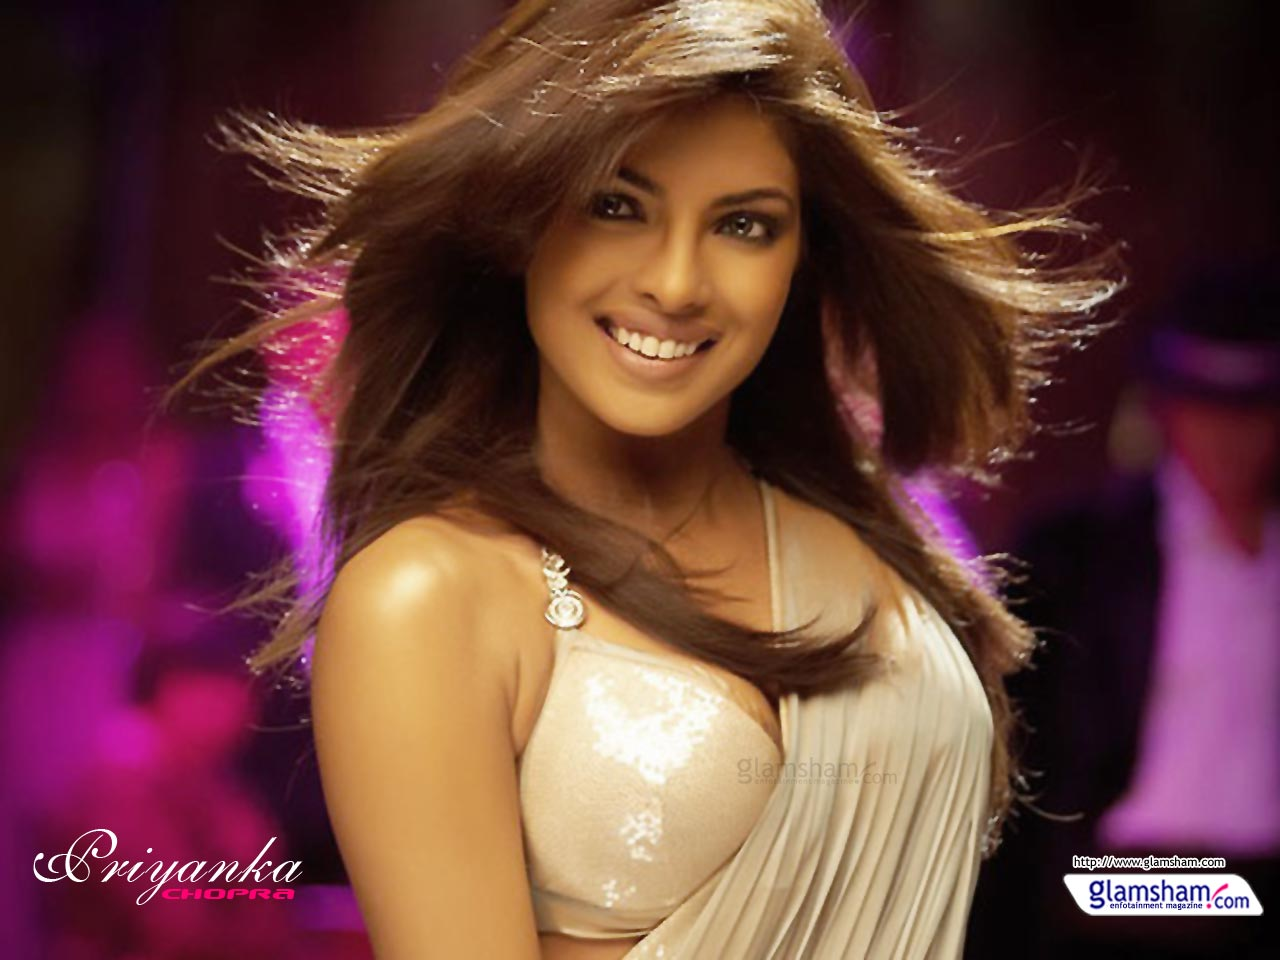 Fotos de desnudos de Priyanka Chopra filtradas en